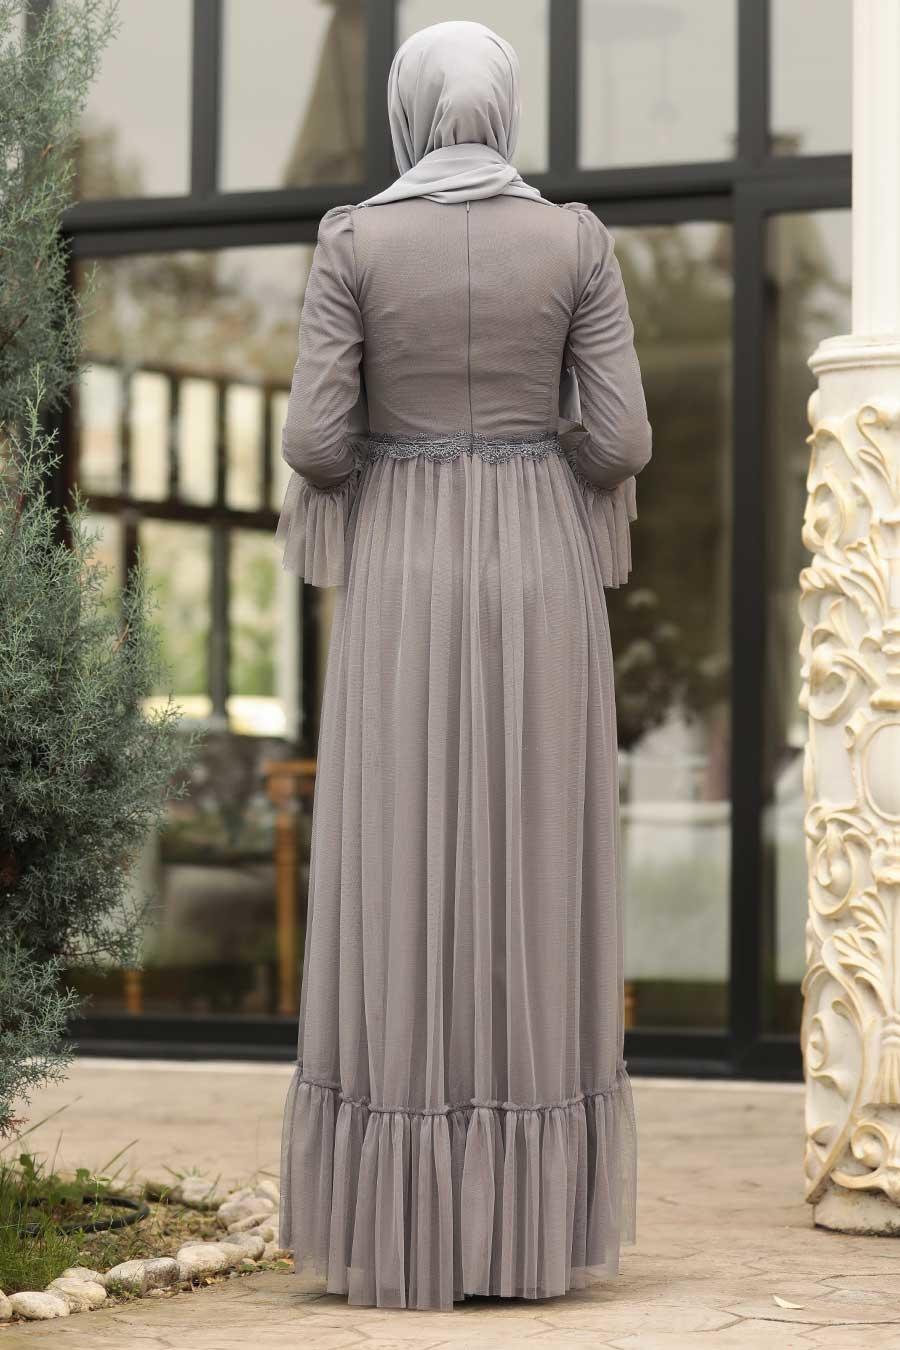 Tesettürlü Abiye Elbise - Boncuk Detaylı Gri Tesettür Abiye Elbise 38980GR